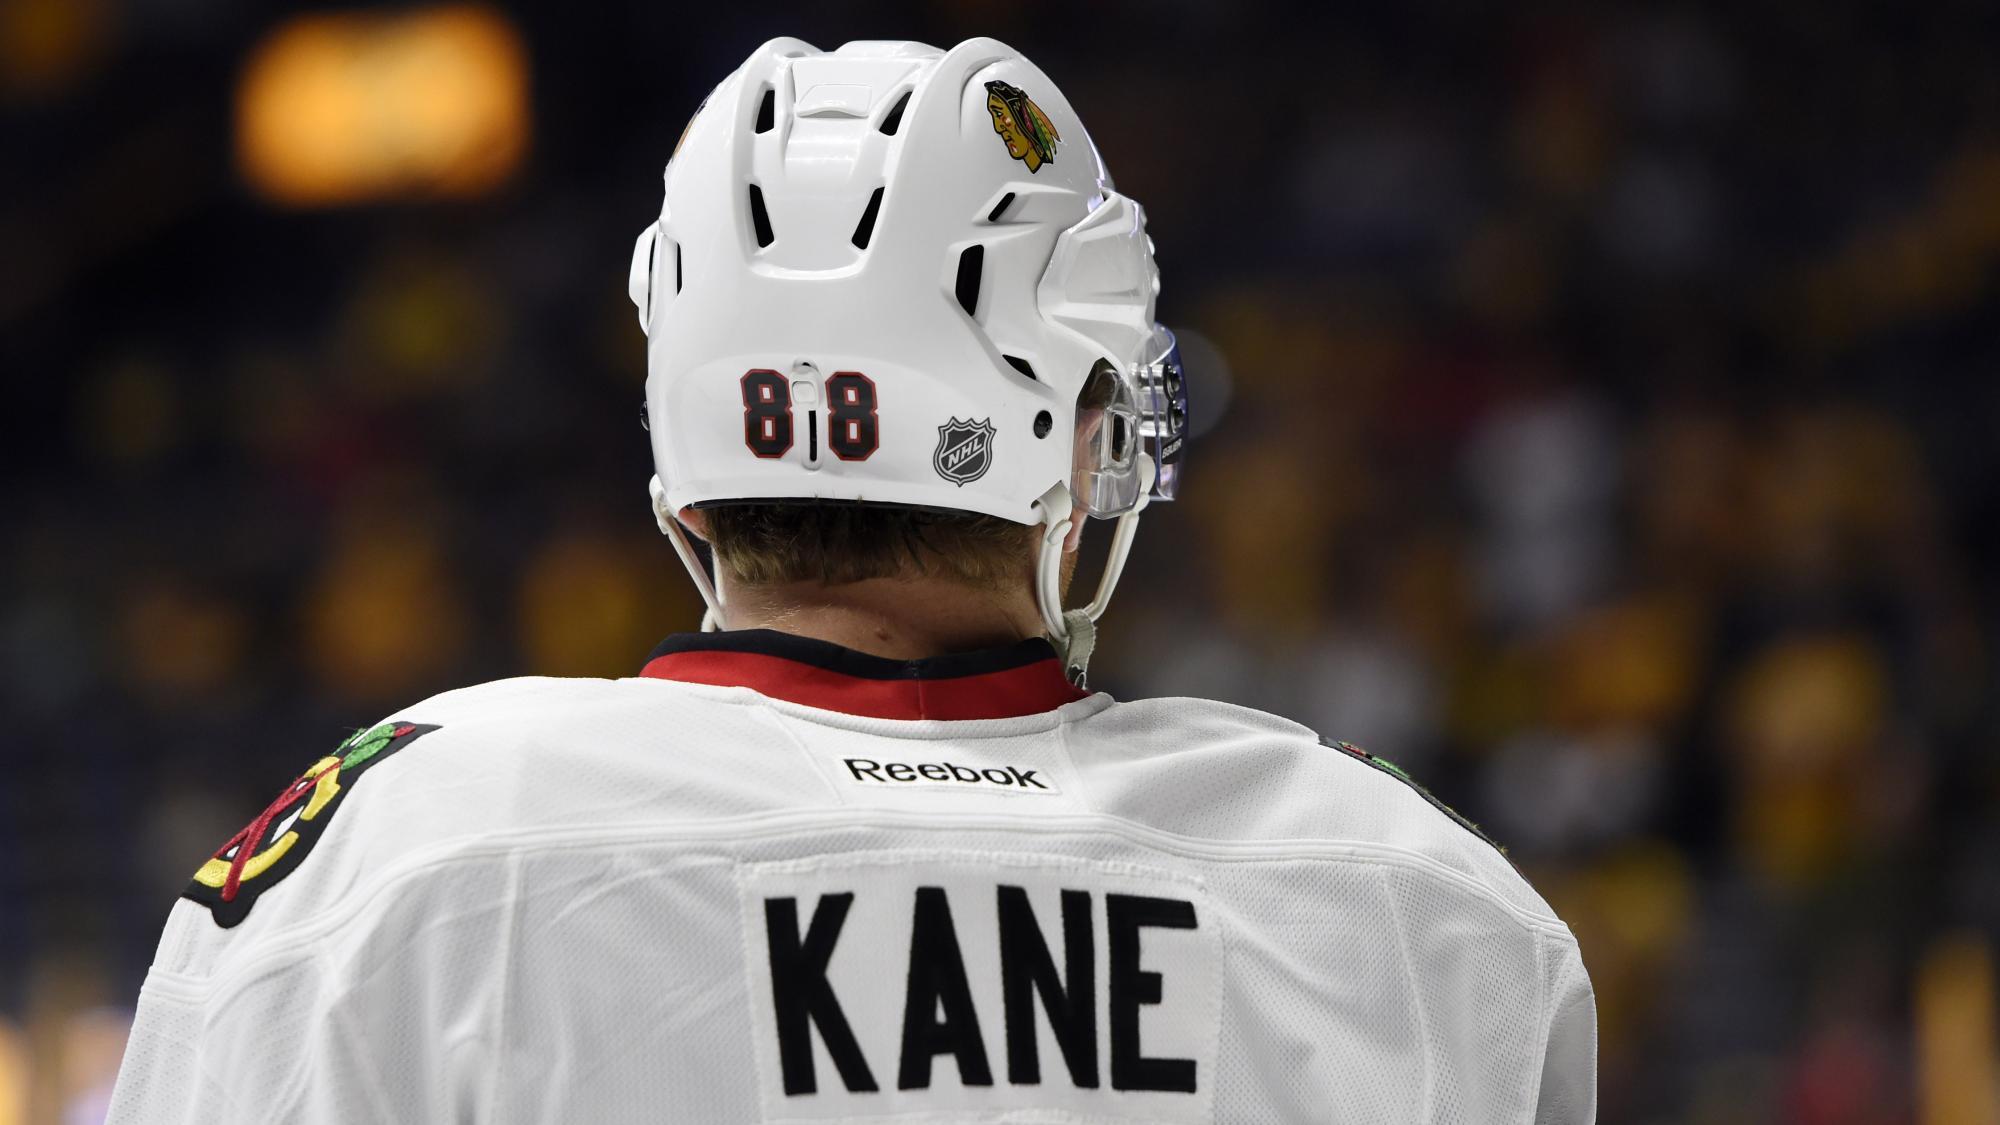 Патрик Кейн признан лучшим игроком НХЛ по версии ESPN